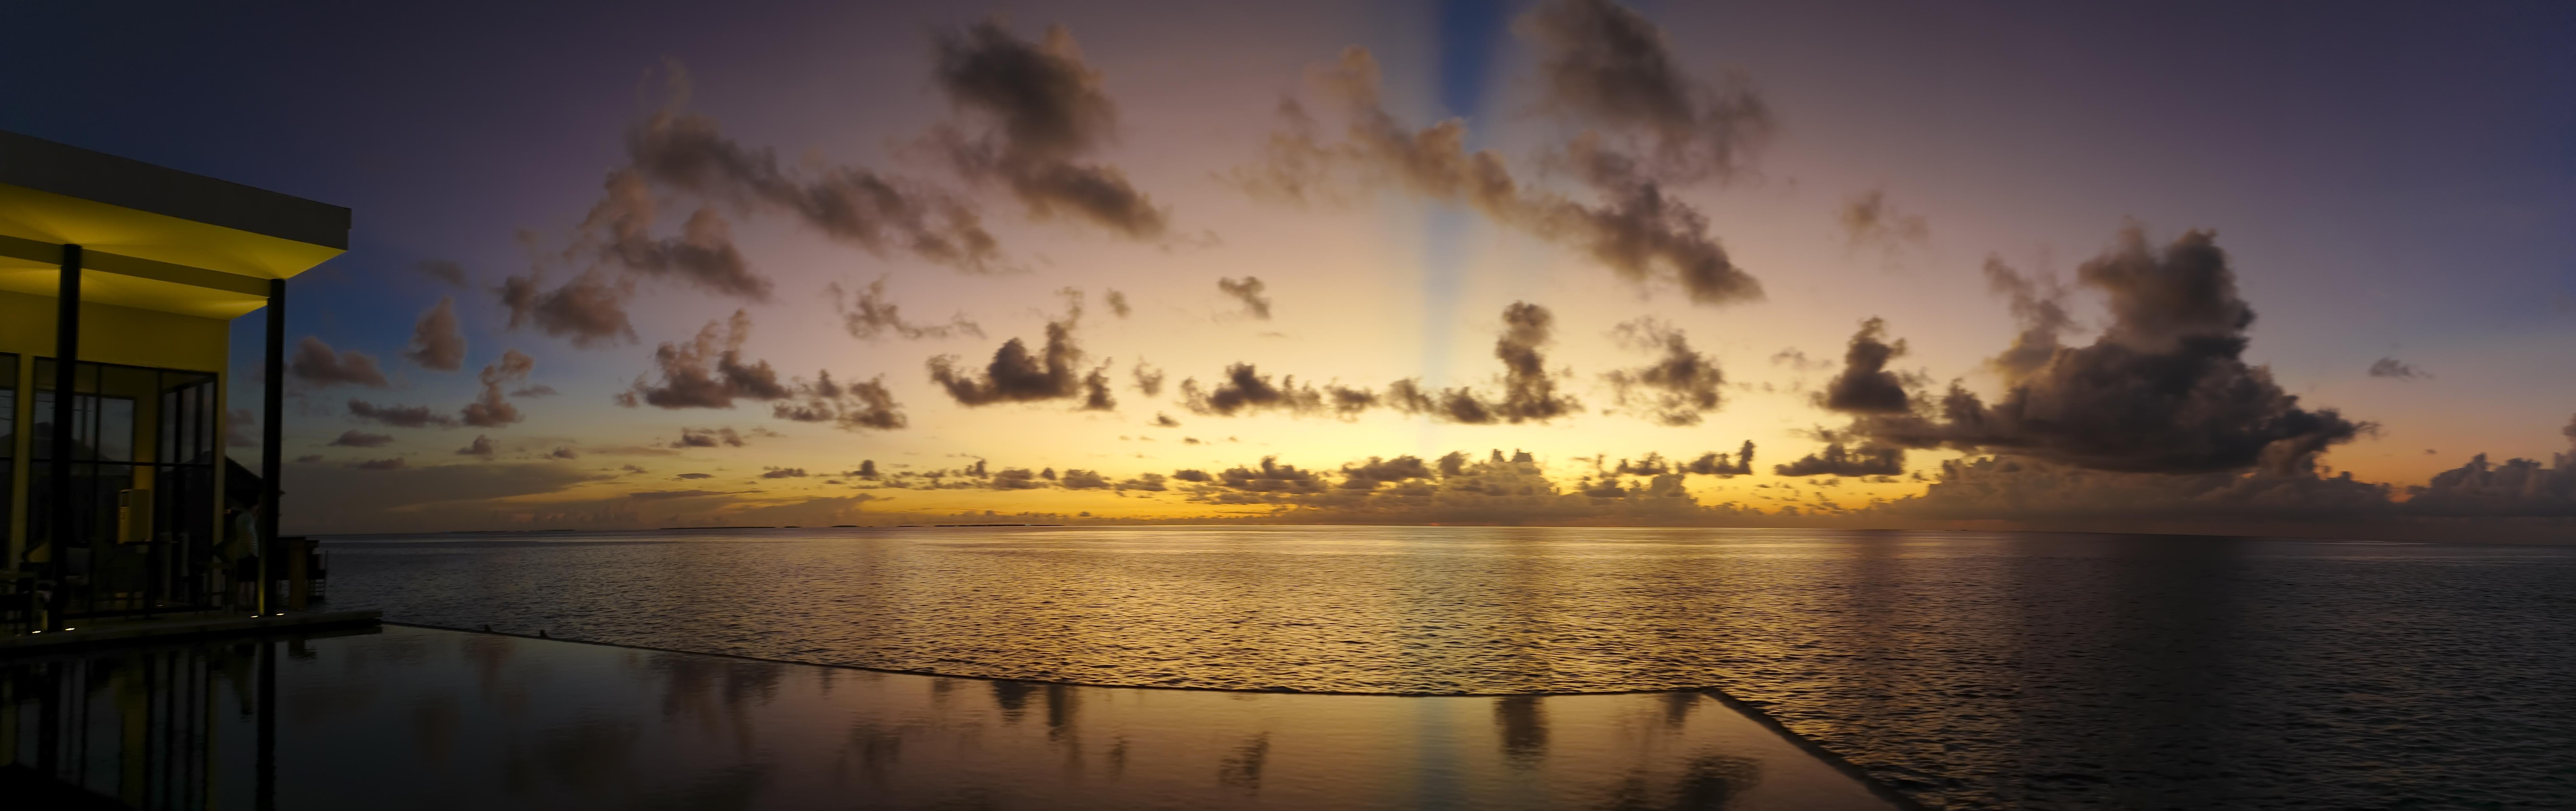 Sonnenuntergang im indischen Ocean ©Joha